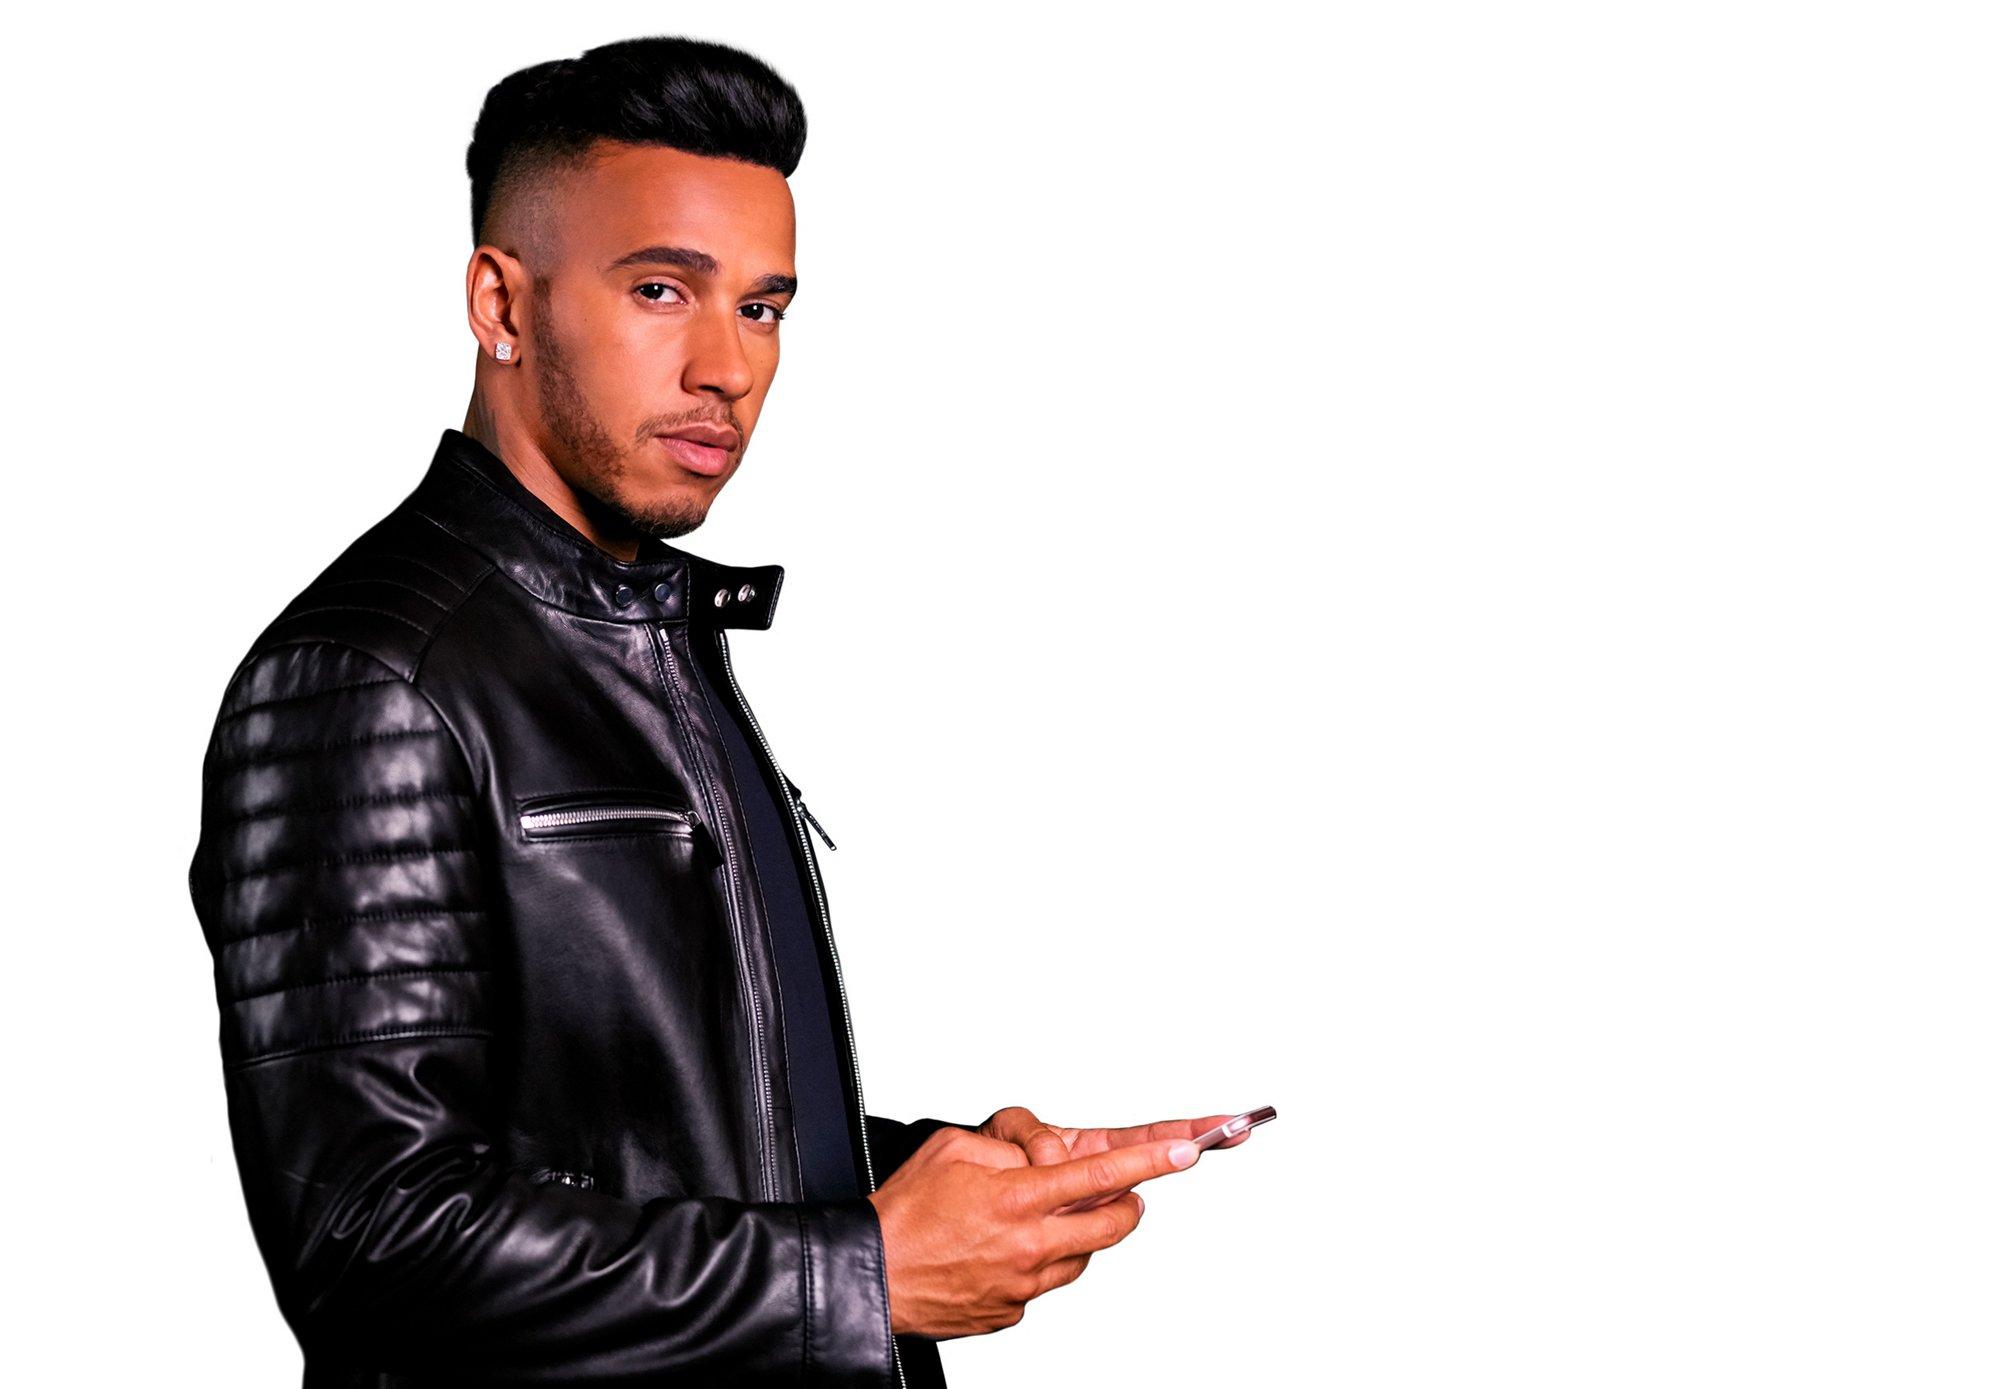 Hugo Boss Mercedes Amg Leather Jacket Cairoamani Com